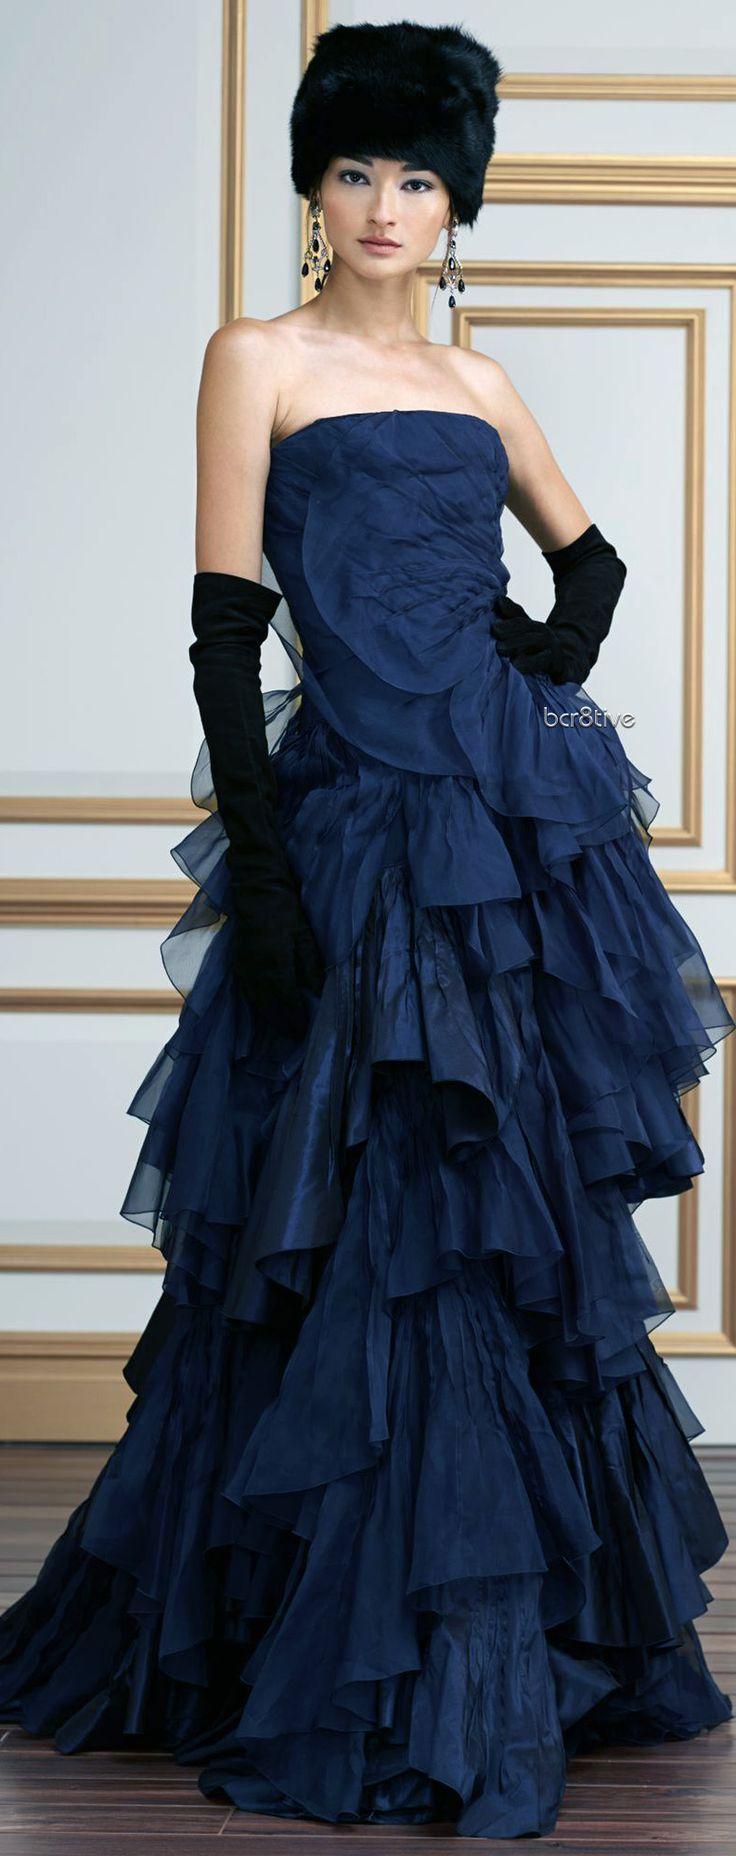 Ralph Lauren Silk Taffeta Colleen Gown from FW 2013-14